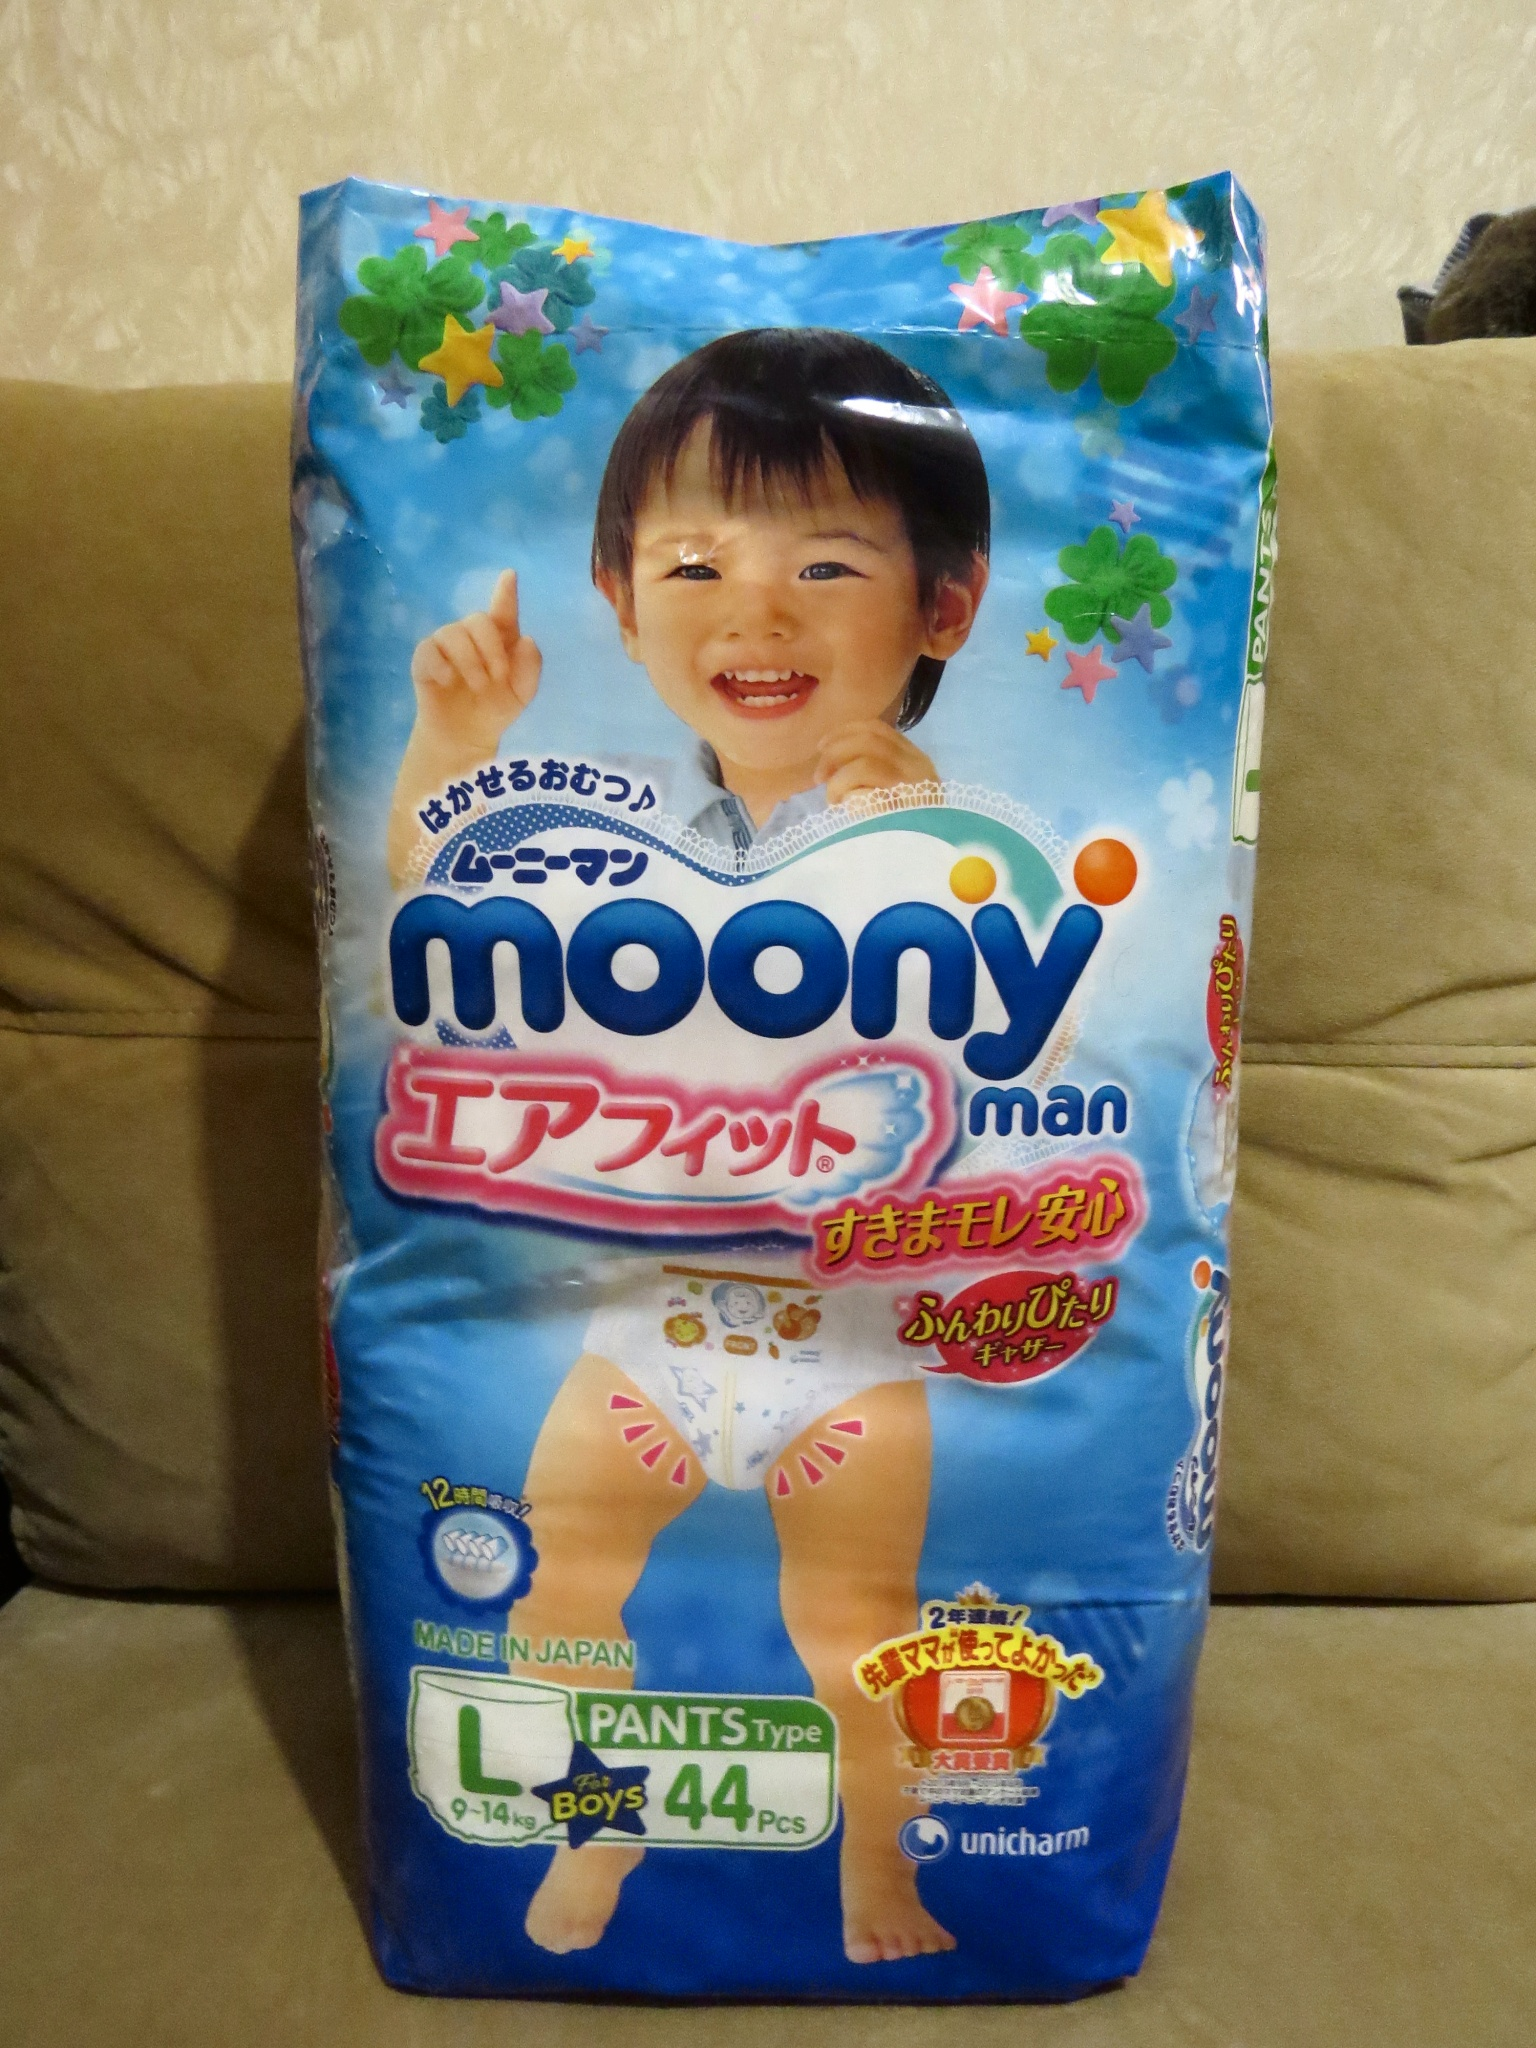 007db2098be4 Обзор от покупателя на Трусики Moony Man (Муни), для мальчиков ...